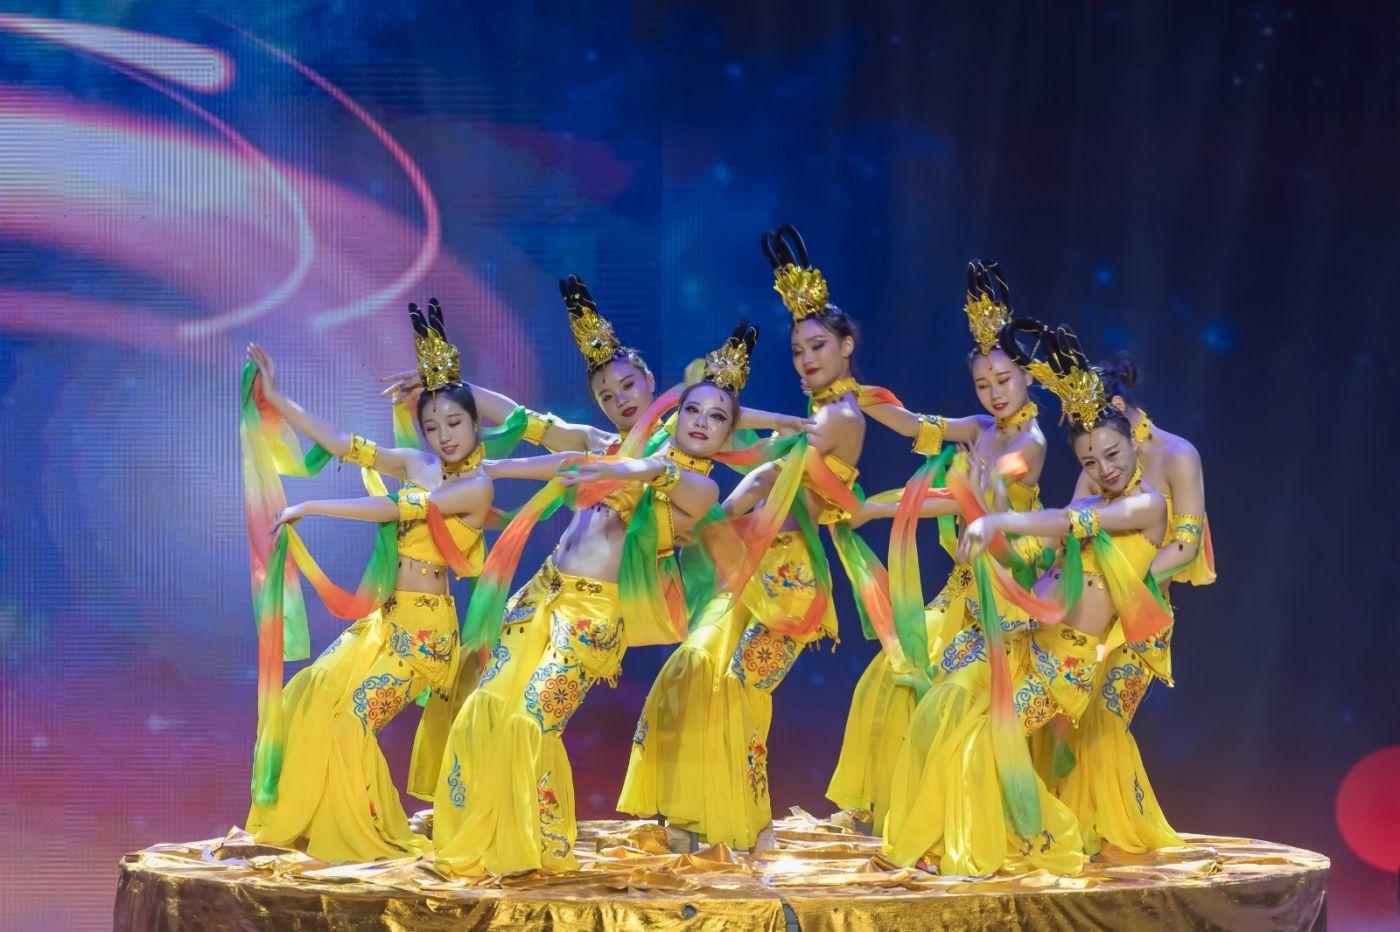 沂蒙大地上 有一种舞蹈叫飞天 这是几位临沂女孩的杰作 美轮美奂 ..._图1-25